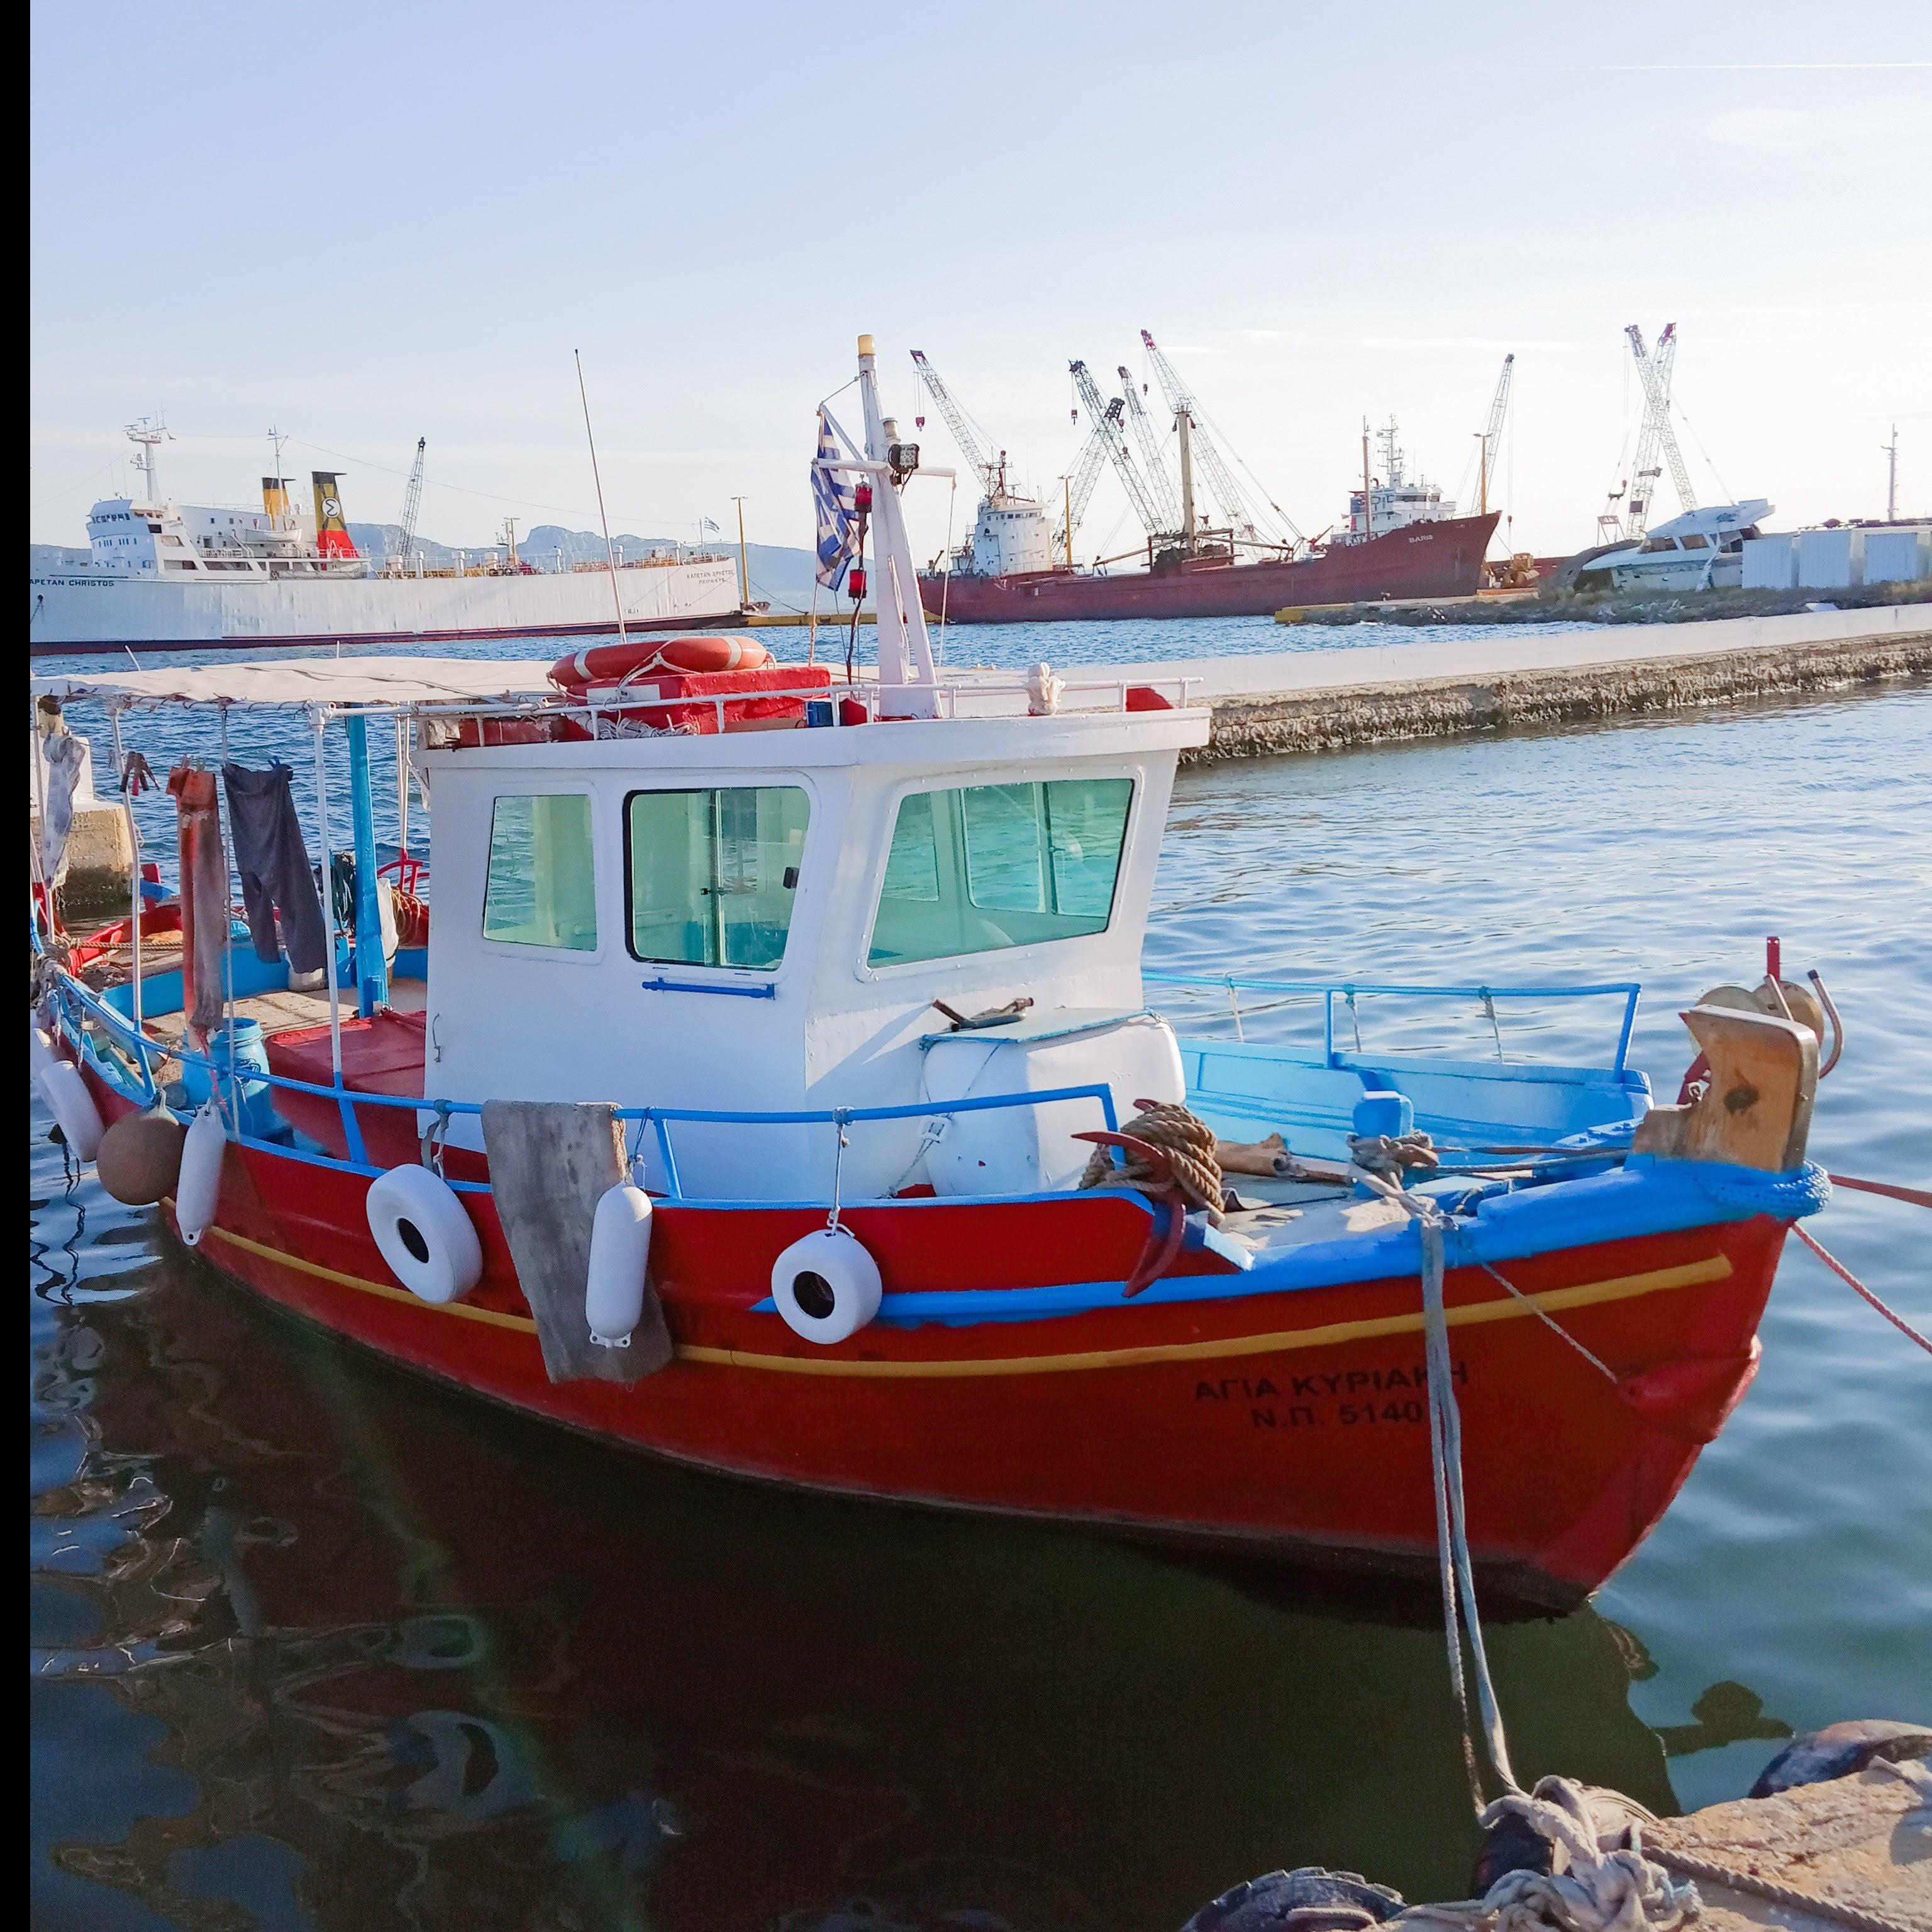 Στό λιμάνι - In the port